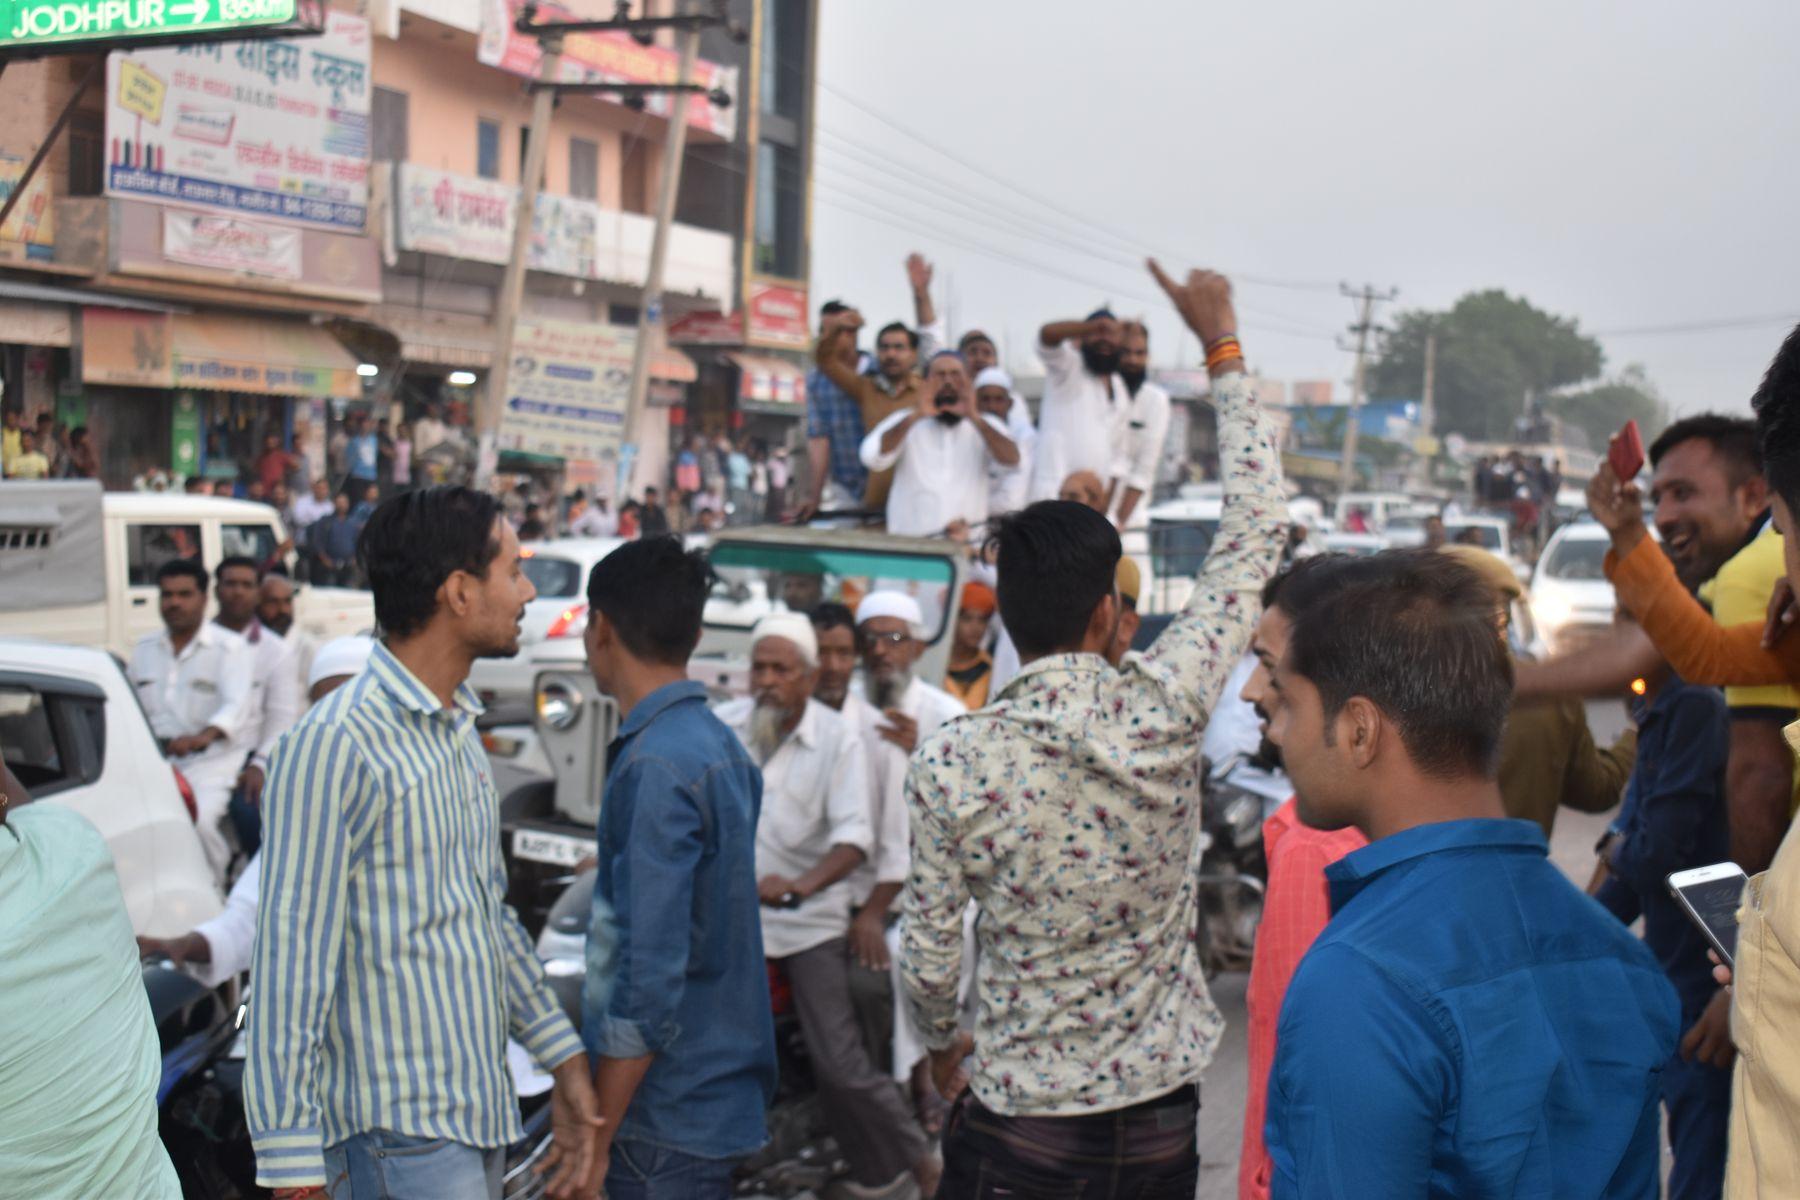 वीडियो : विधायक हबीबुर्रहमान का ईनाणा व नागौर में भारी विरोध, मूण्डवा चौराहे पर दिखाए काले झंडे